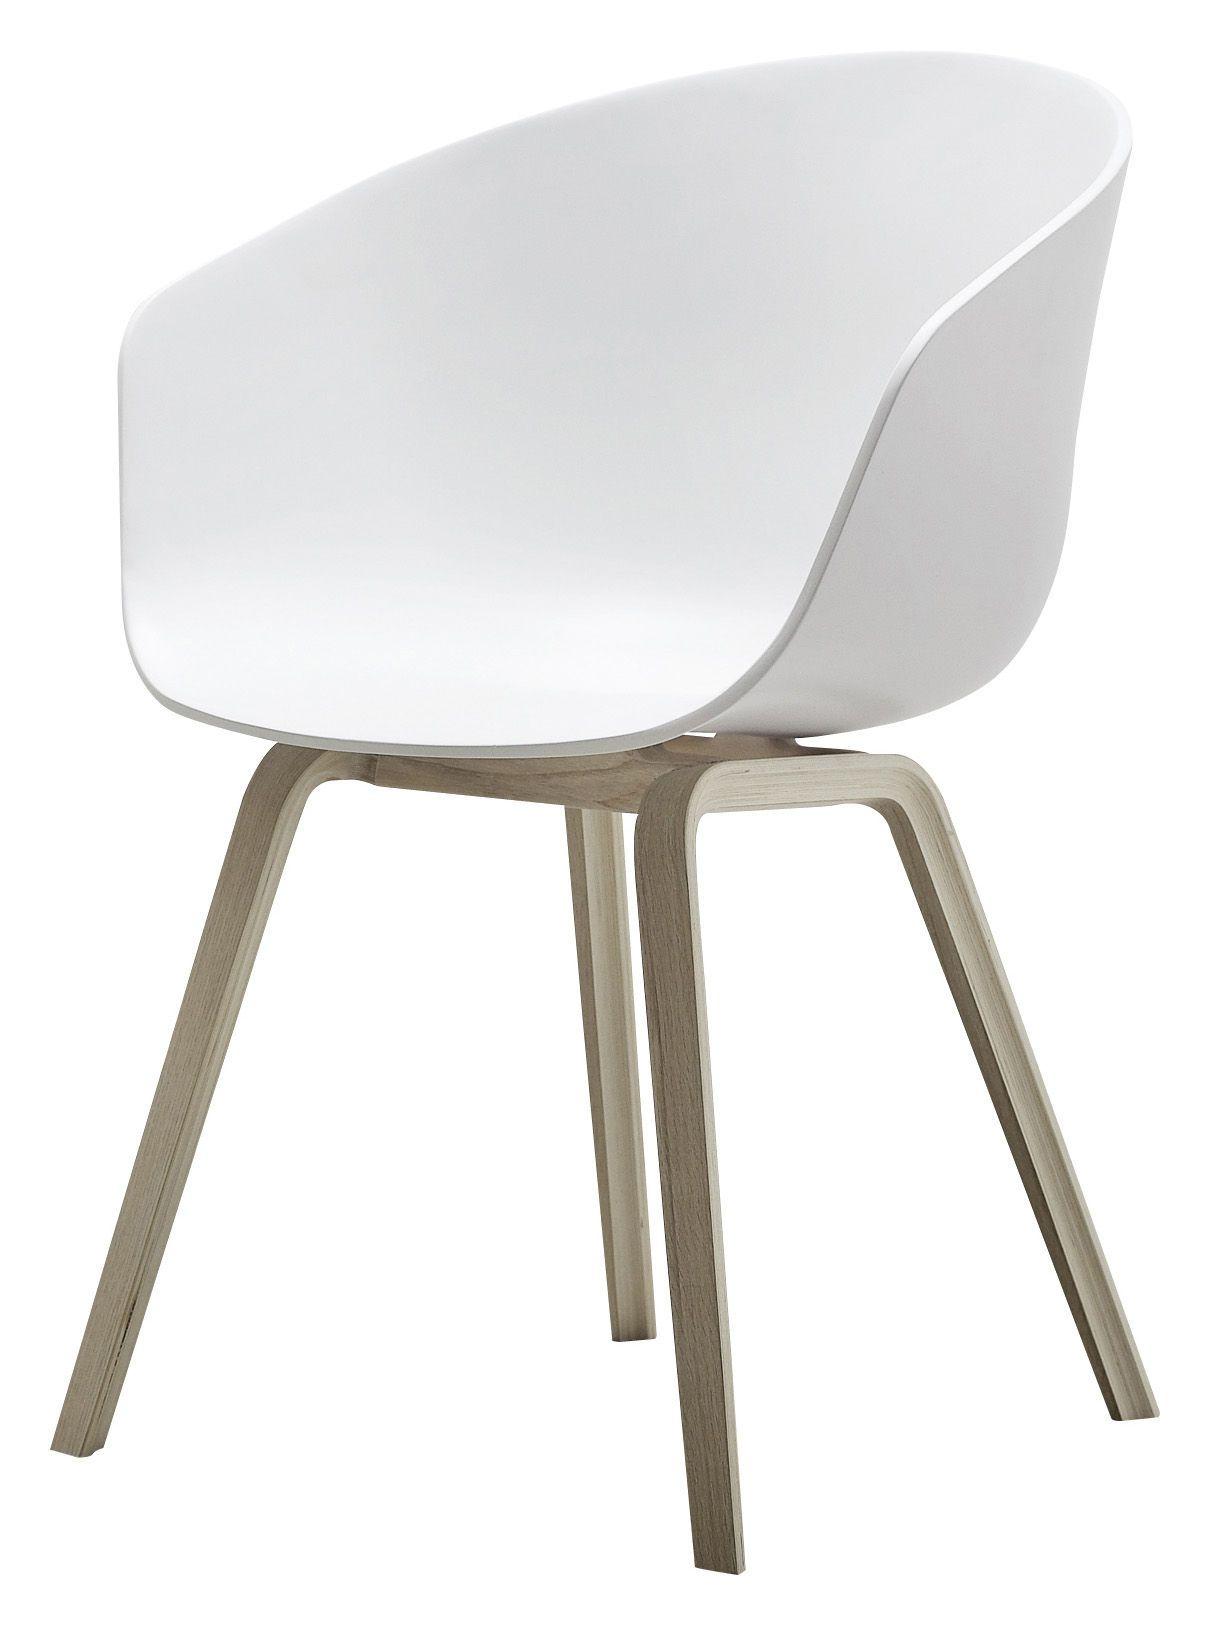 Fauteuil About A Chair 4 Pieds Hay Fauteuil Made In Design Ventes Pas Cher Com Chaise Design Mobilier De Salon